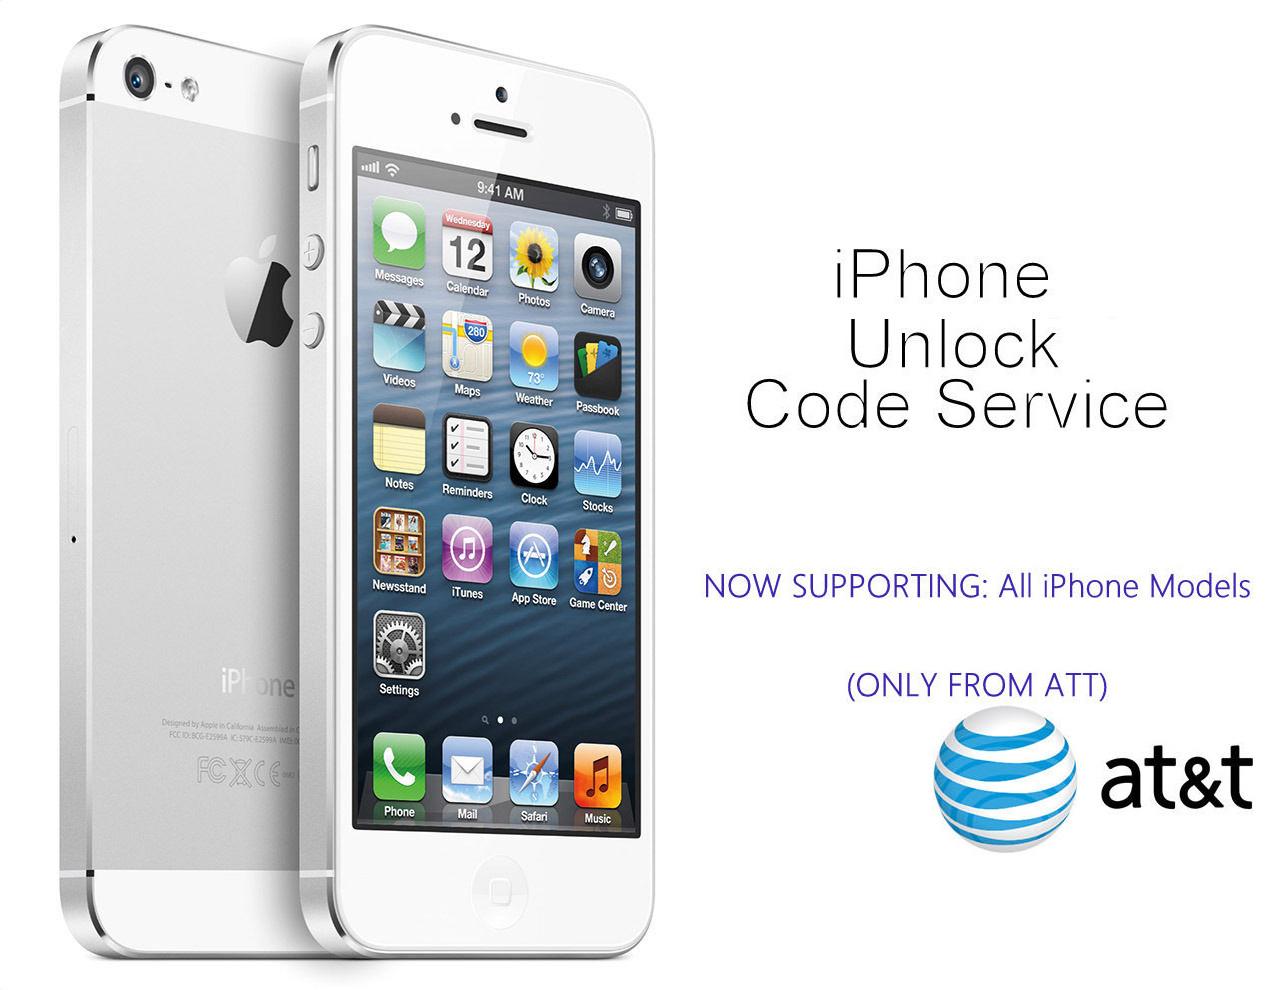 Официальный анлок iPhone от AT&T